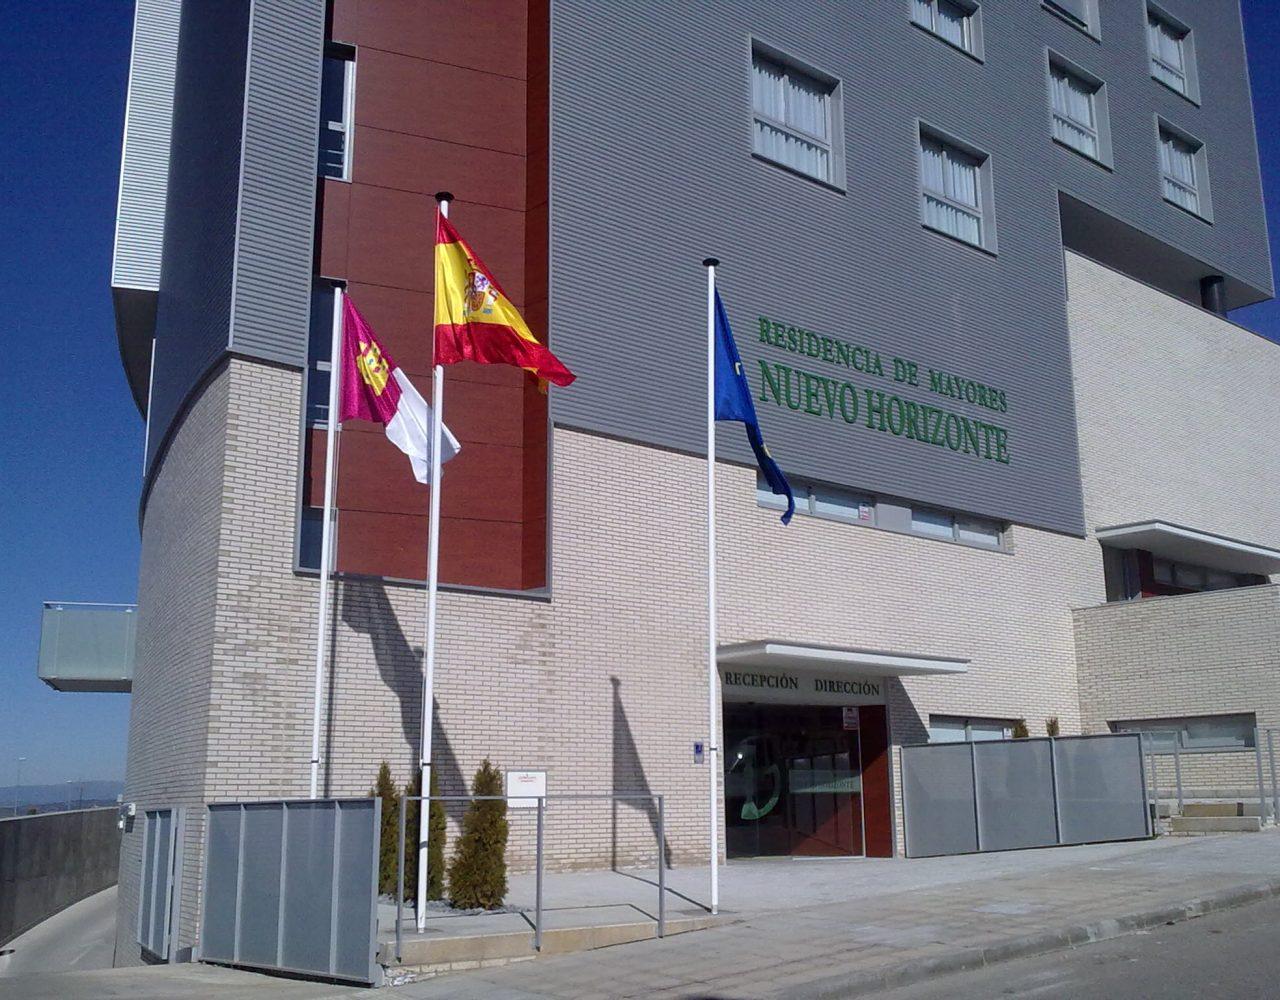 Banderas institucionales en Nuevo Horizonte